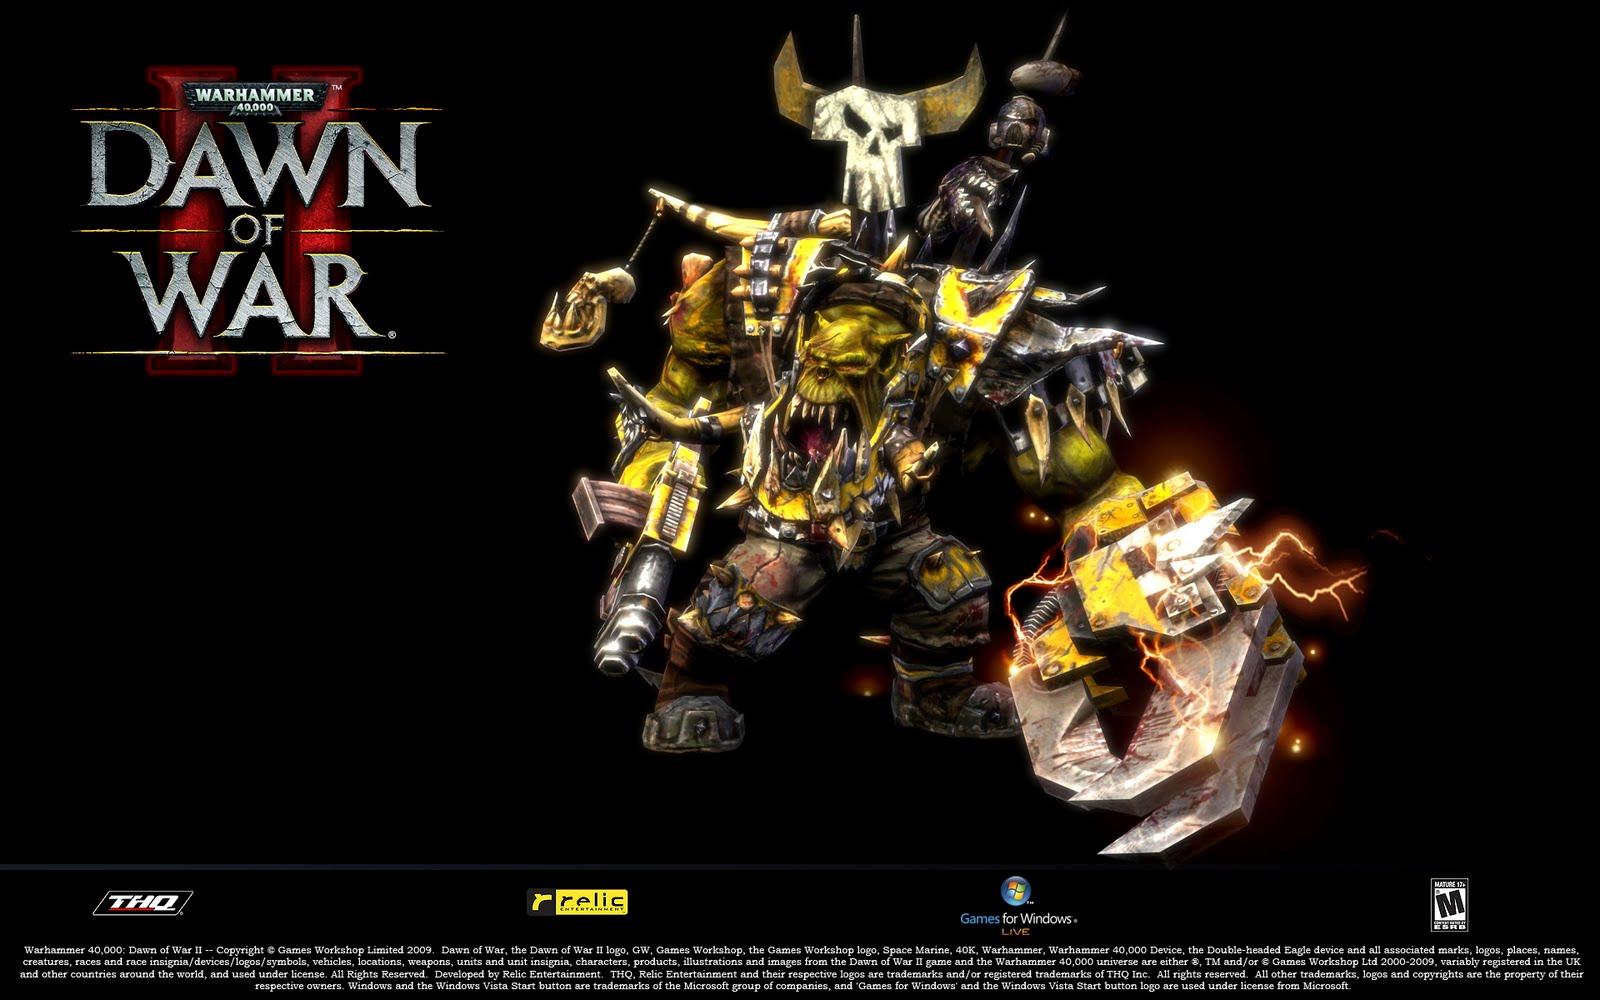 http://2.bp.blogspot.com/-XJwdRgRScfQ/TdBPLOdRLhI/AAAAAAAABs0/xzs8cu_EofM/s1600/dawn_of_war_3.jpg